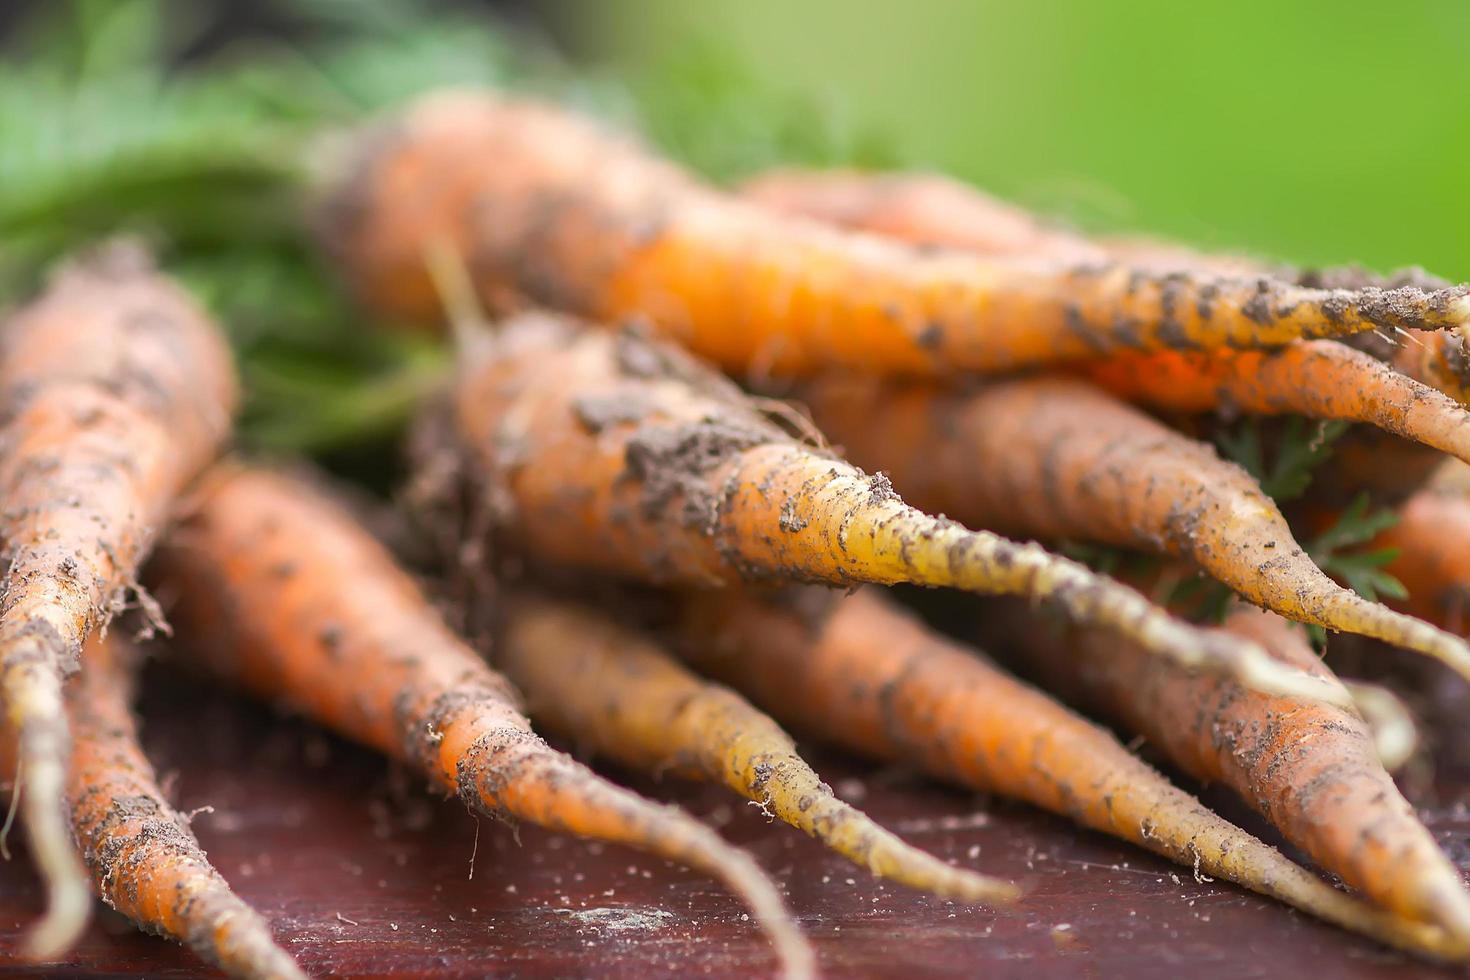 carote appena raccolte foto